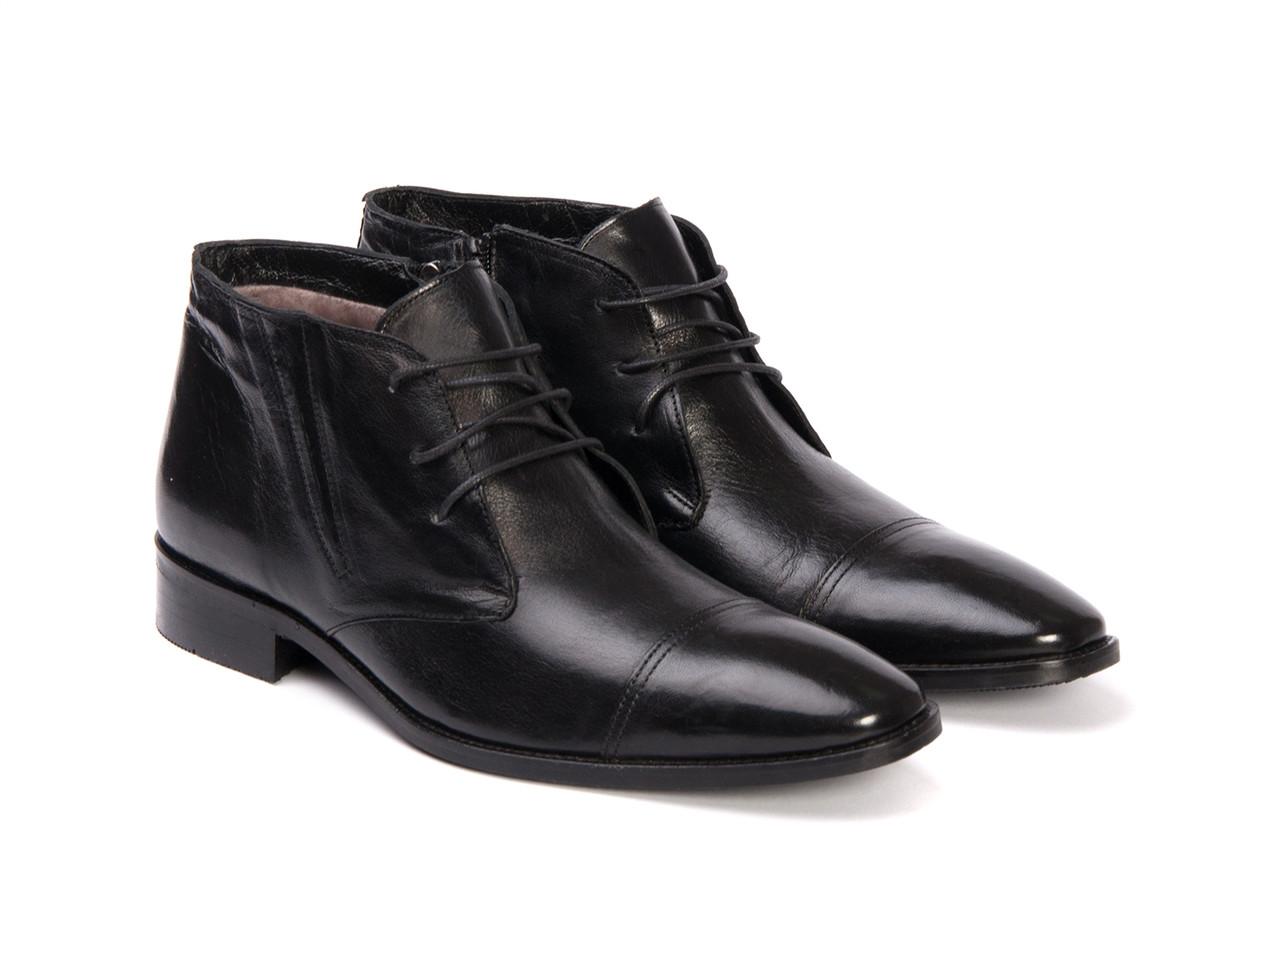 Ботинки Etor 10025-5948-1201 черные